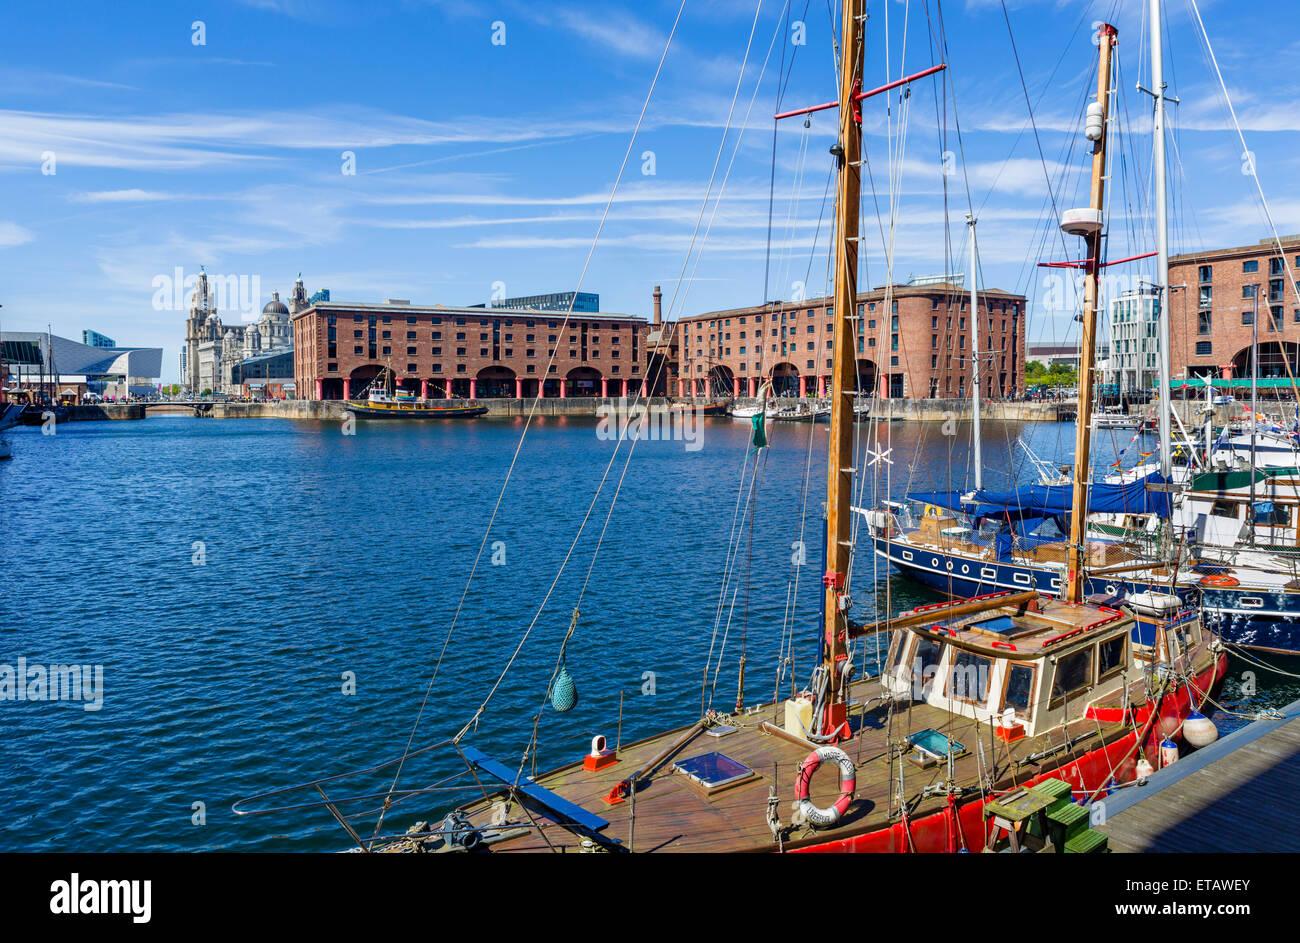 Albert Dock, Liverpool, Merseyside, England, UK Photo Stock